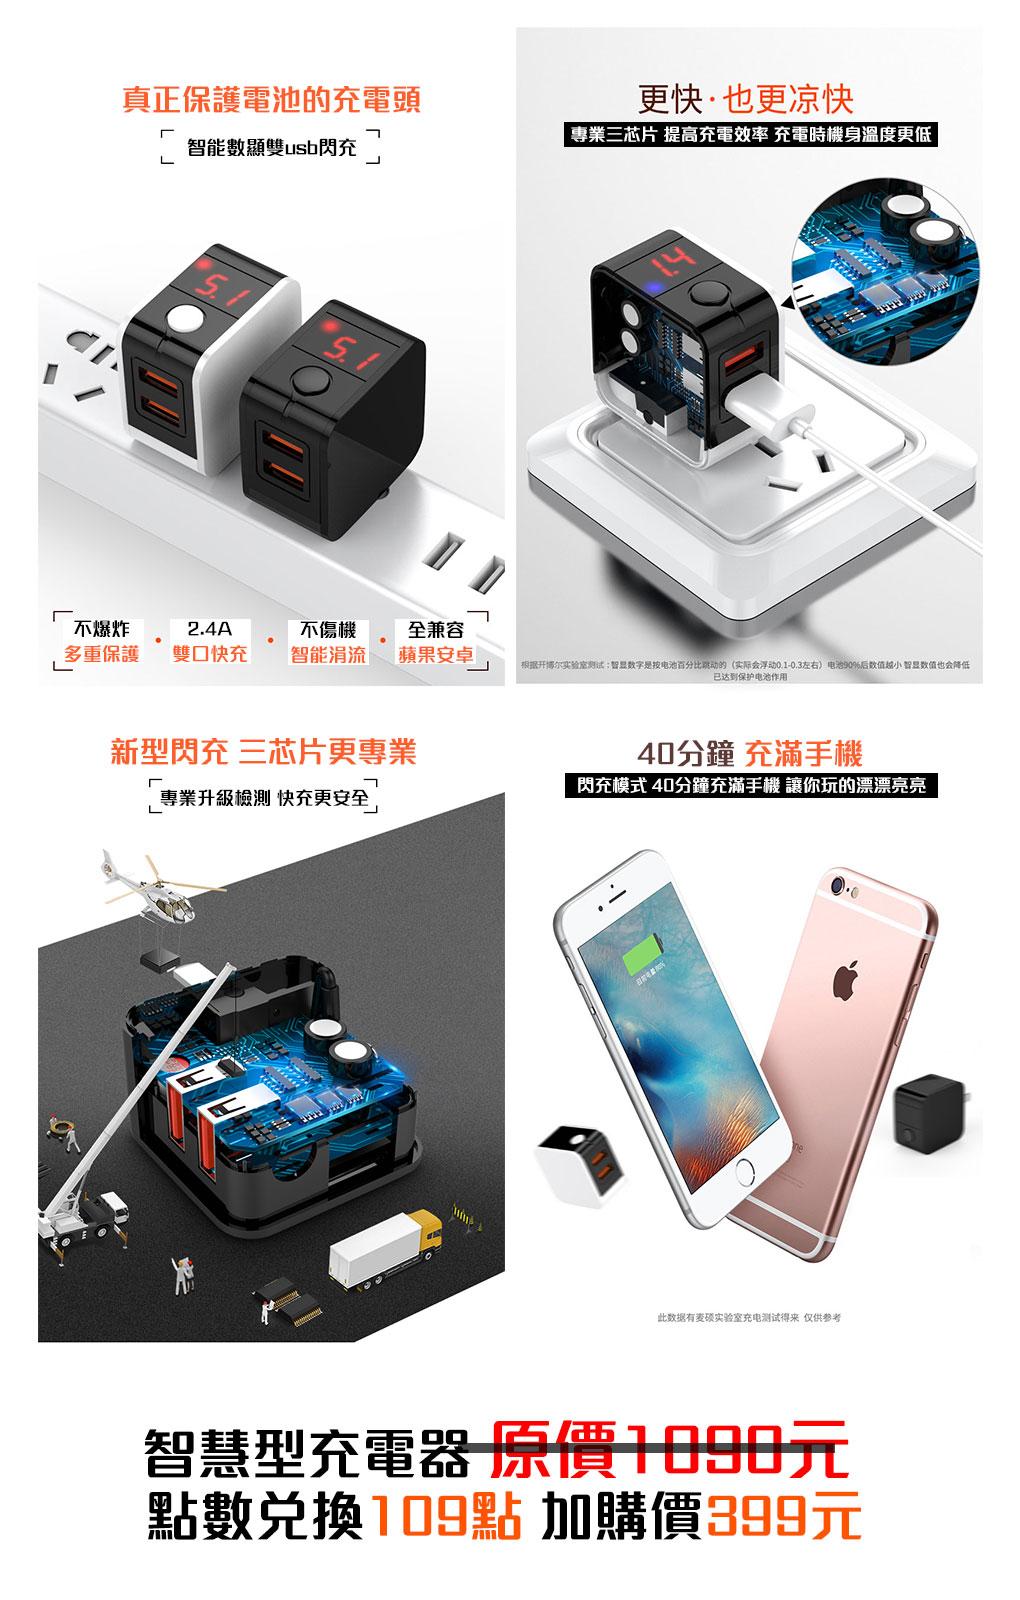 便當,池上便當,加盟開店,便當加盟,便當外送,桃園便當,台北便當,蘋果安卓通用usb充電雙頭,蘋果,安卓,充電,充電頭,雙孔充電